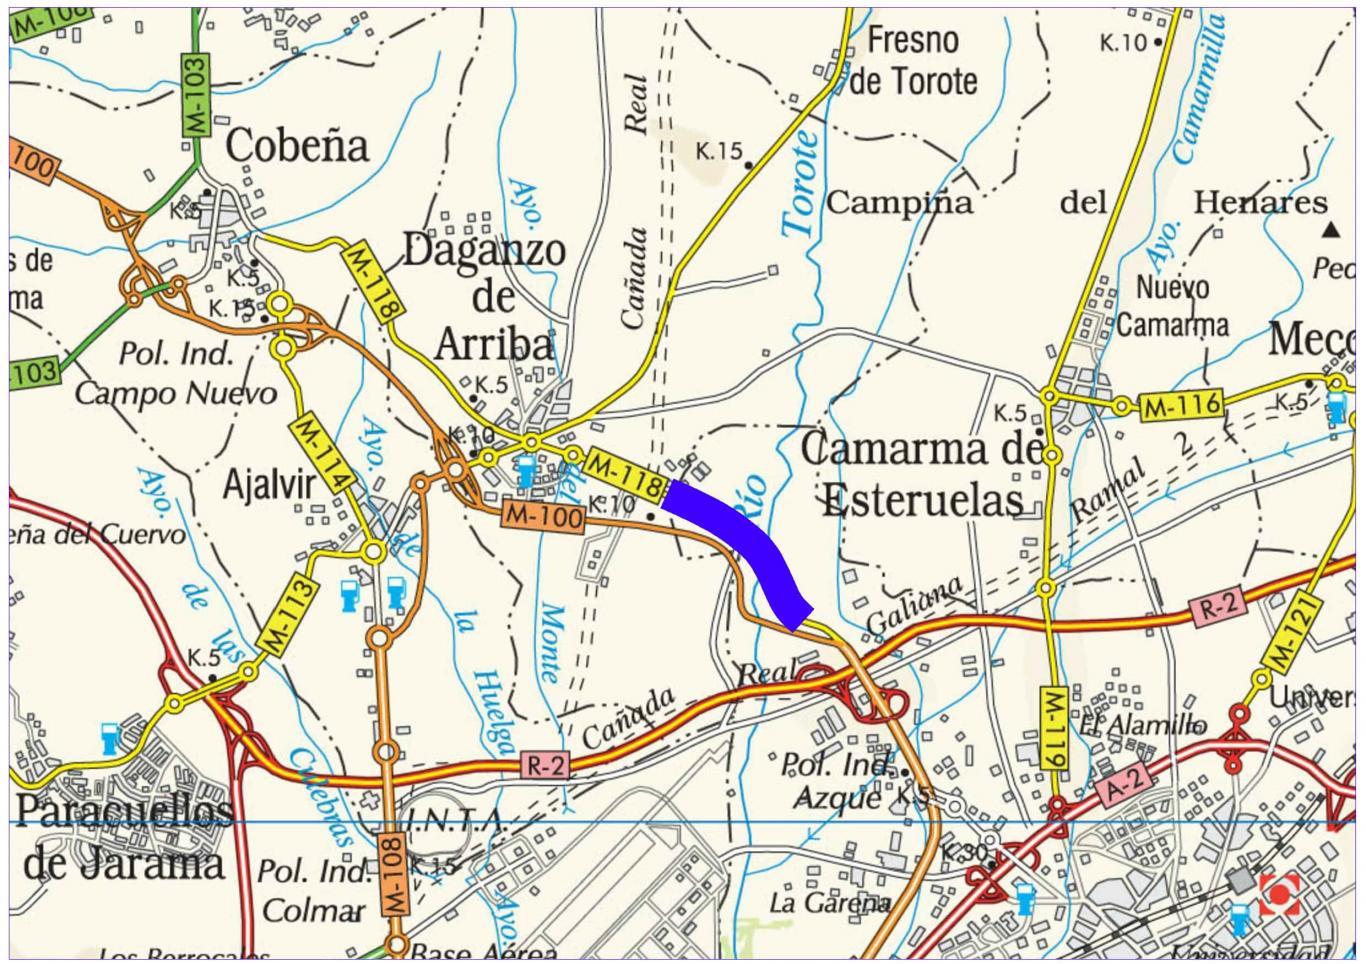 Plano de situación de la obra M-118 pk 0,000-3,000